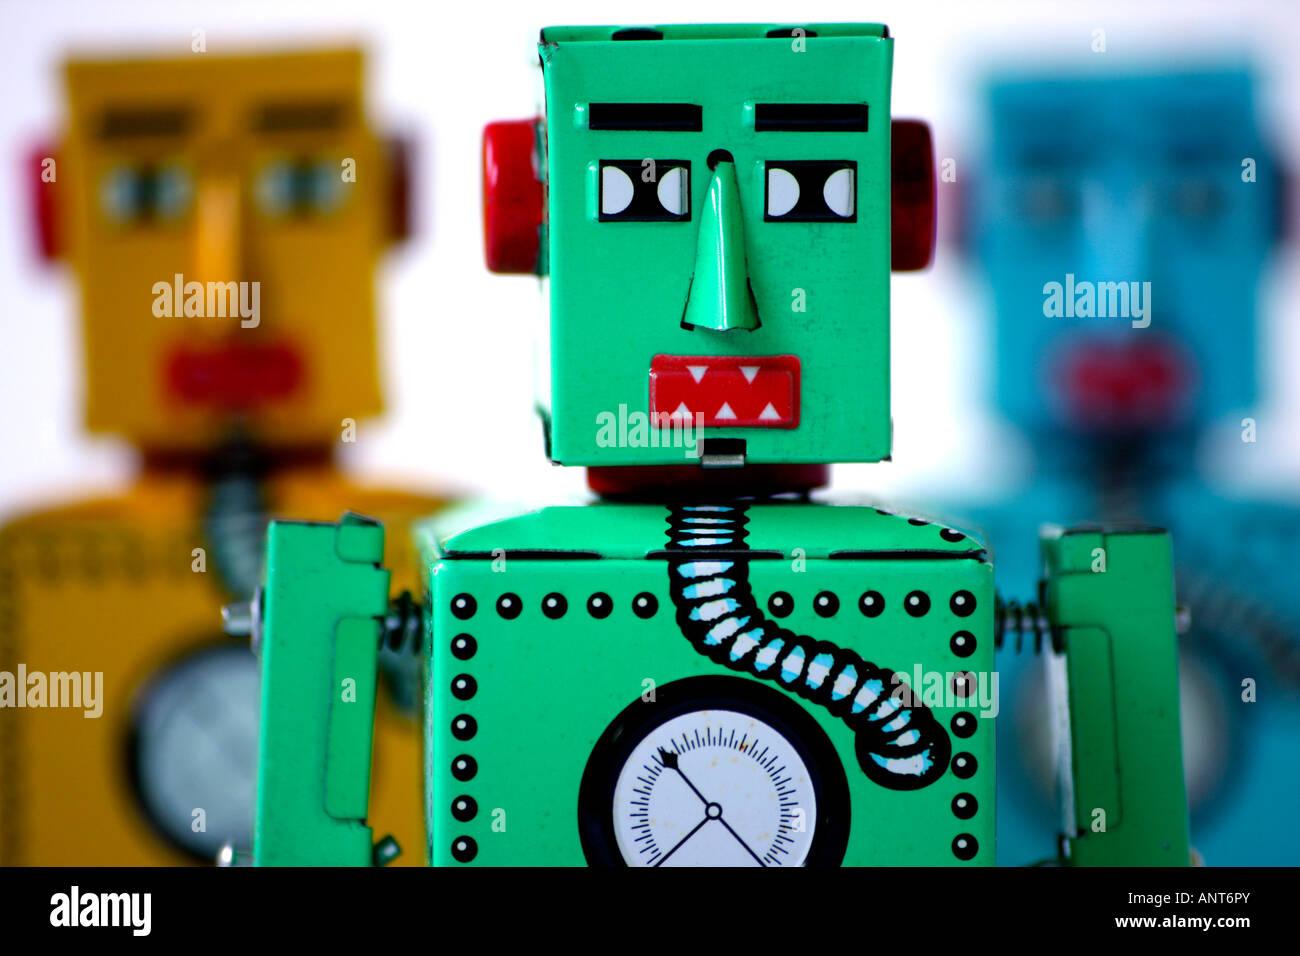 Chinois 3 fer blanc fabriqué une horloge toy robots Photo Stock